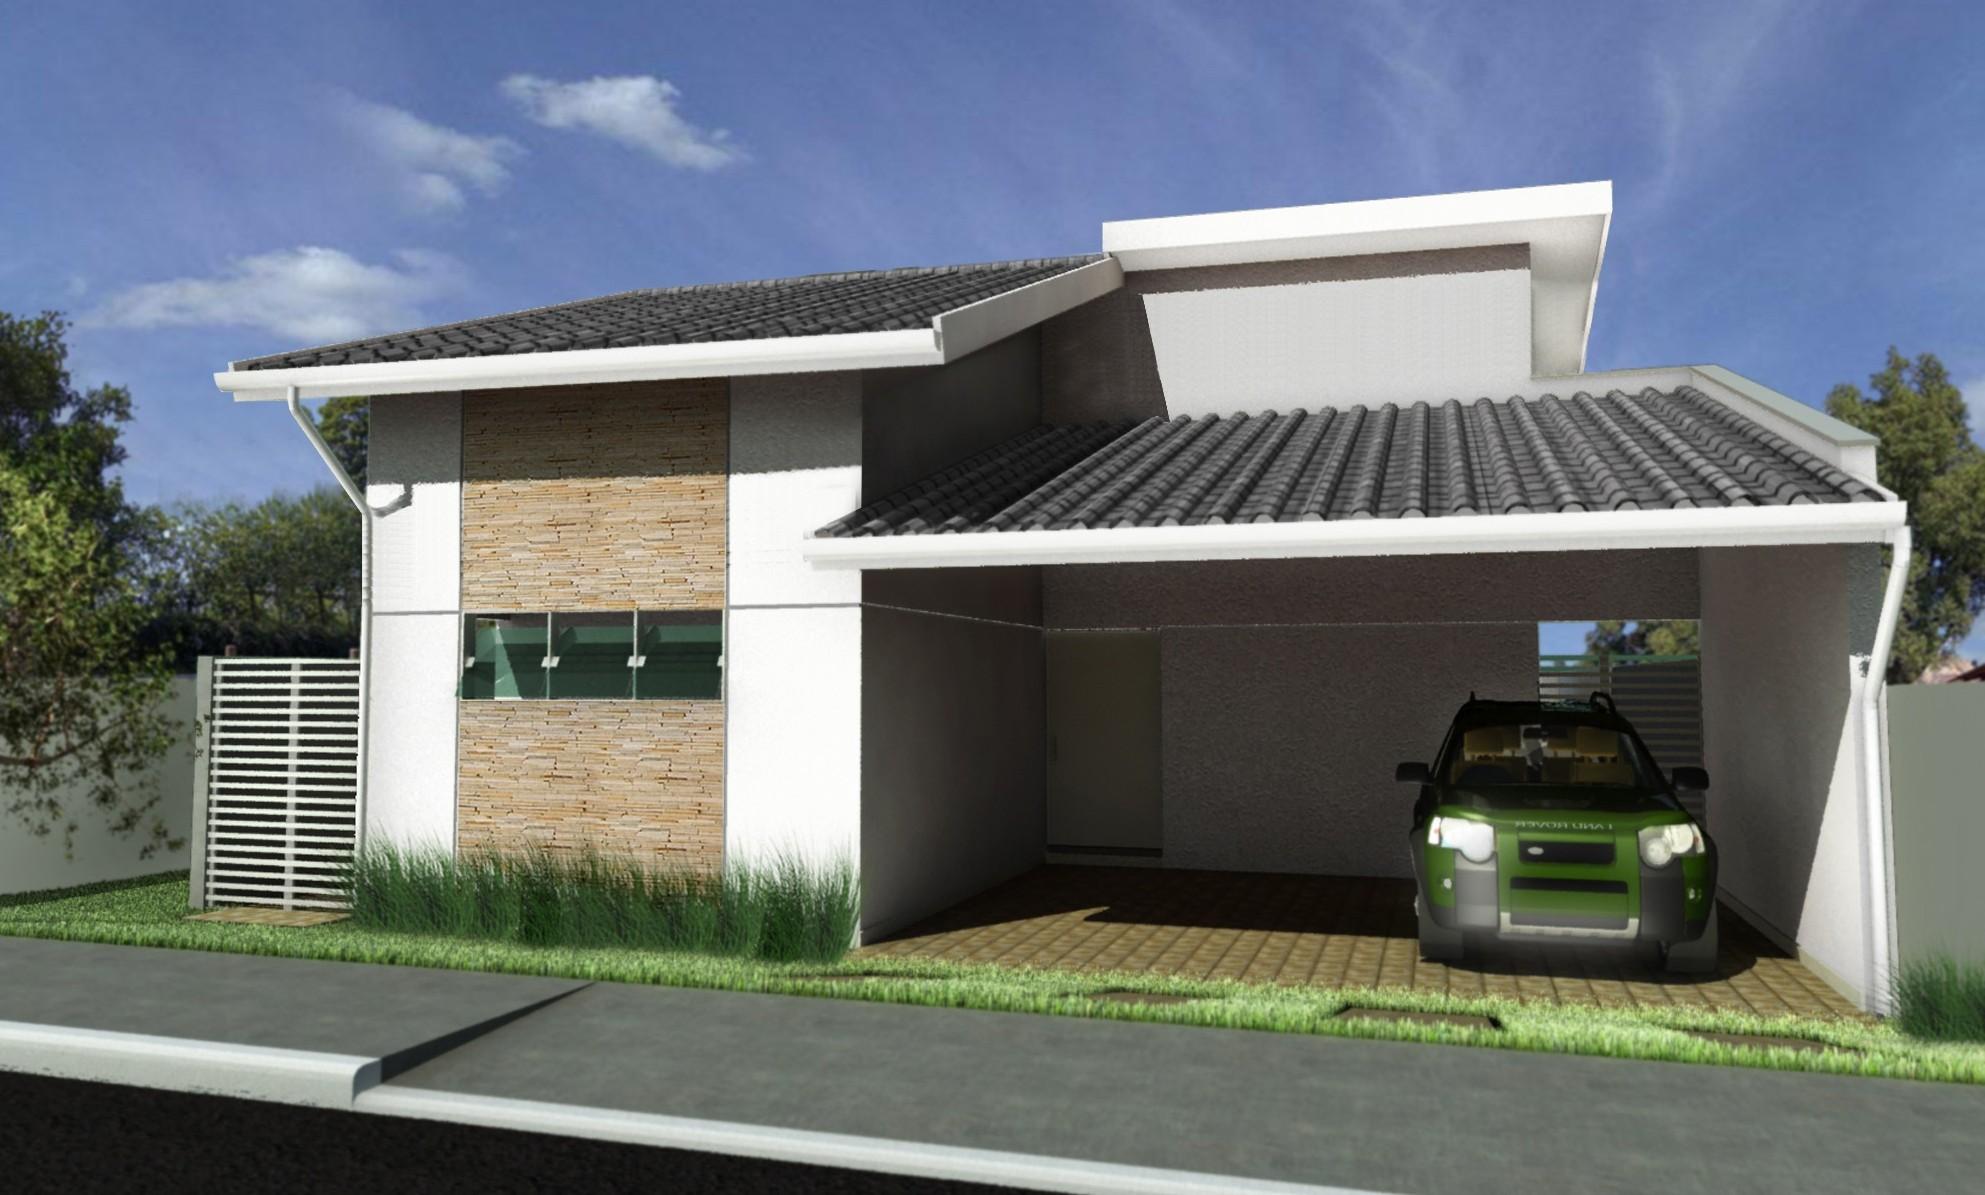 10 modelos de fachadas de casas baratas for Fachada de casas